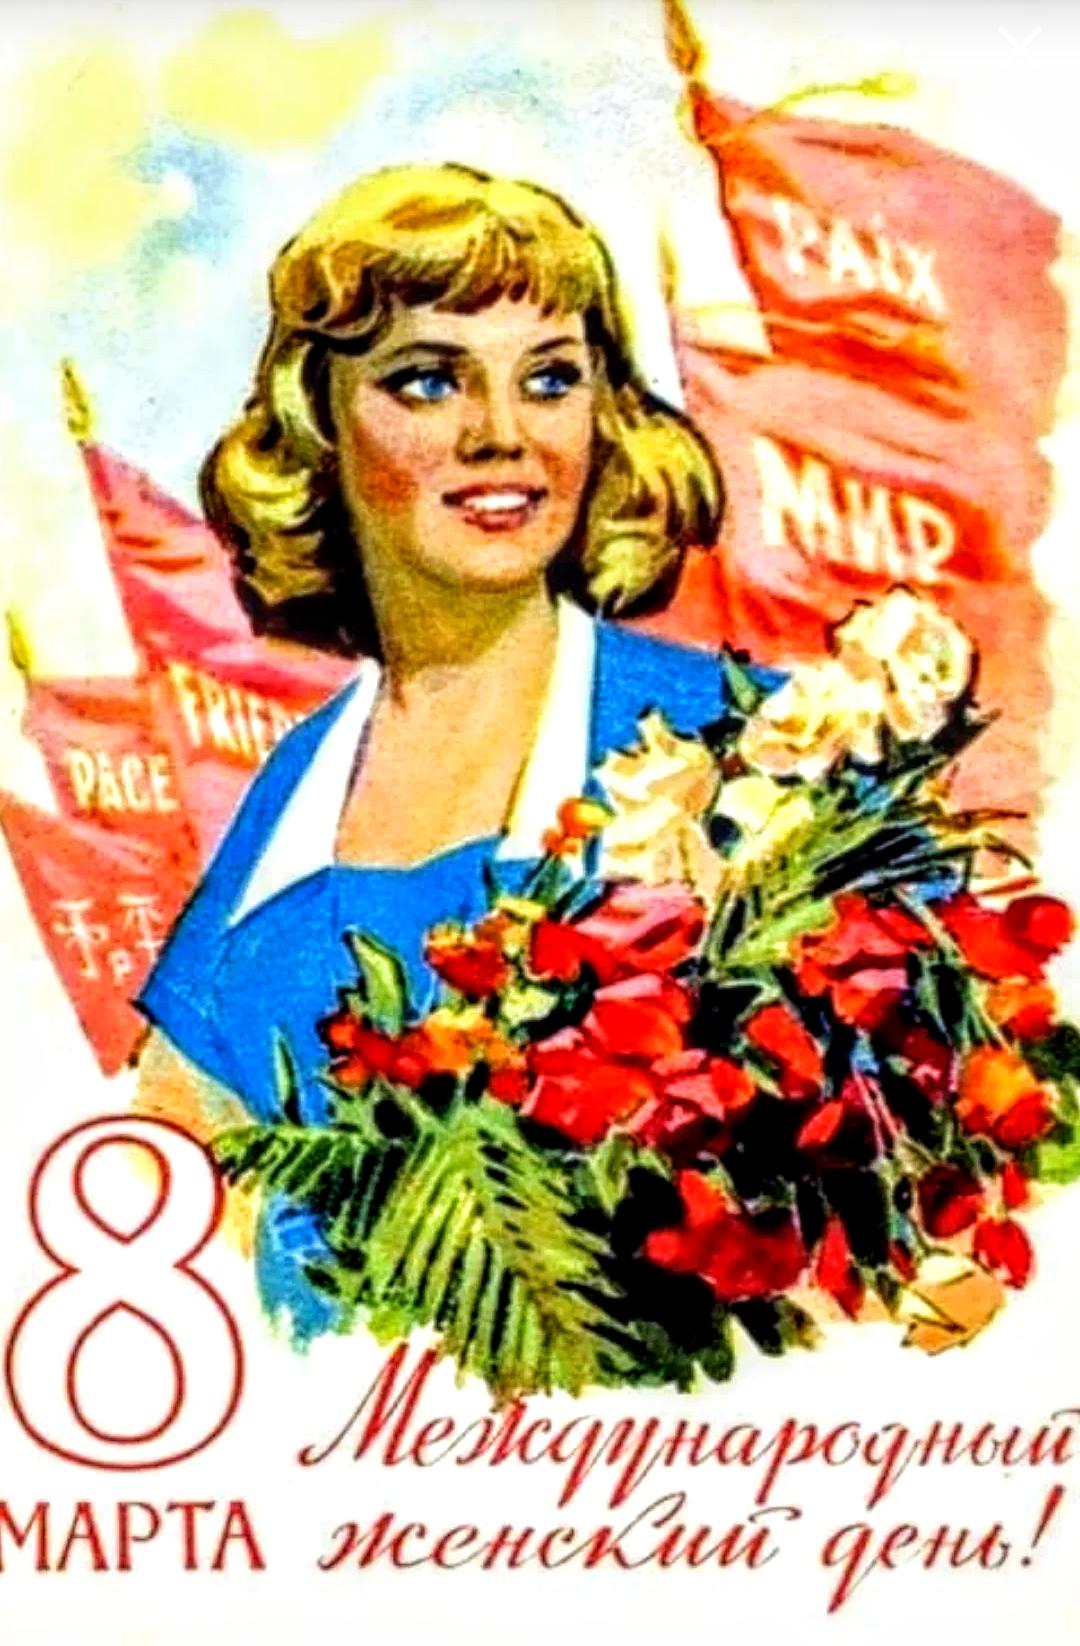 С 8 мартом открытка советская, картинки картинки новогодние